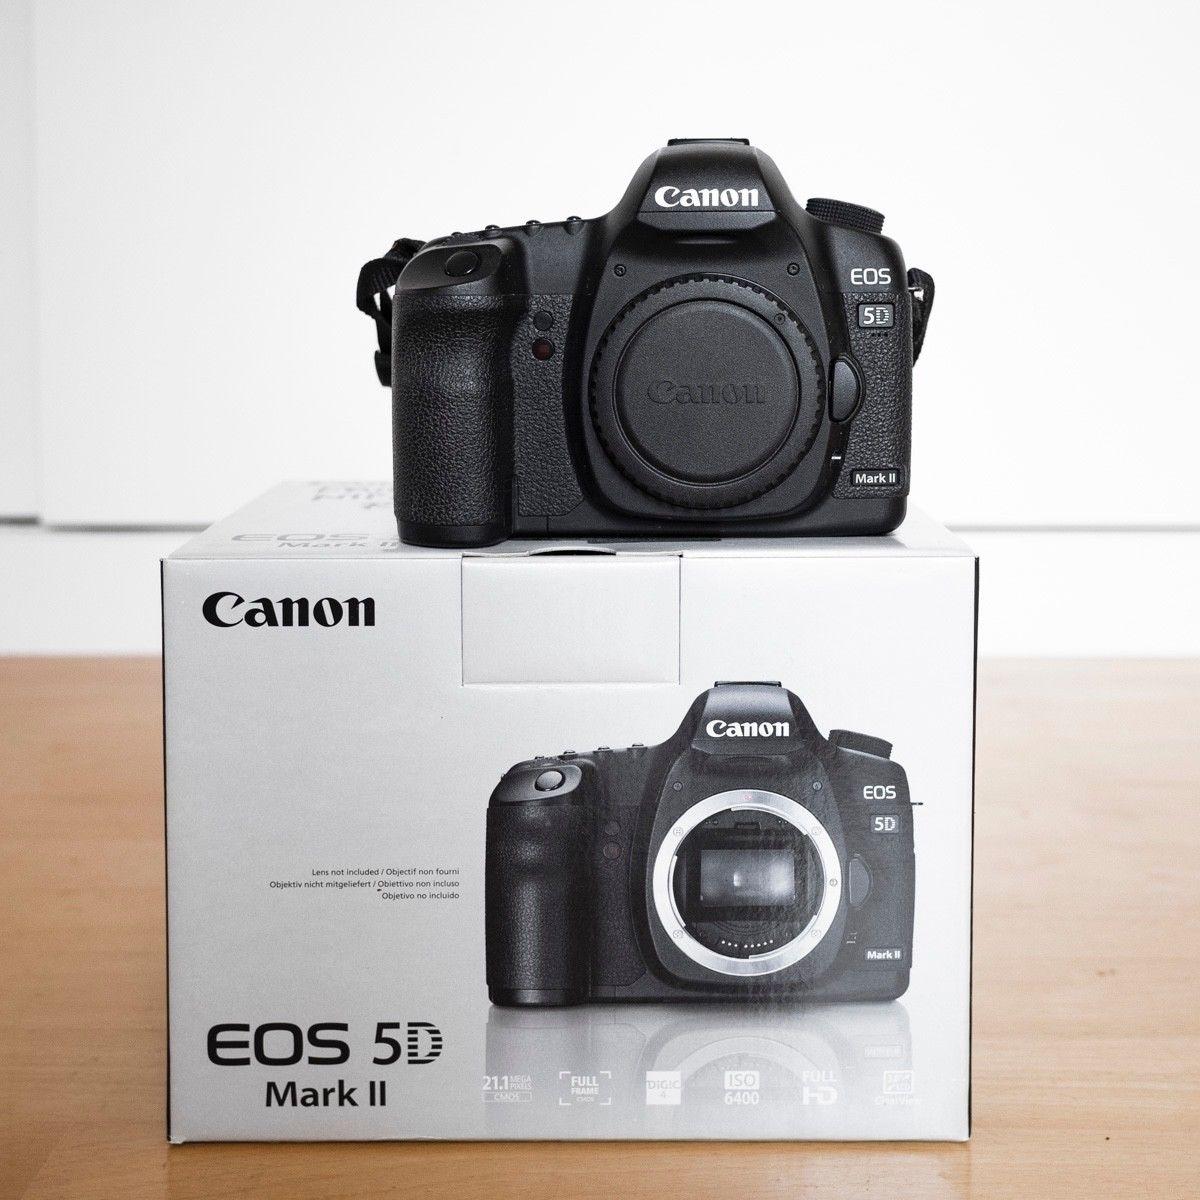 Canon EOS 5D Mark II 21,1 MP Digitalkamera DSLR Body Vollformat sofort loslegen